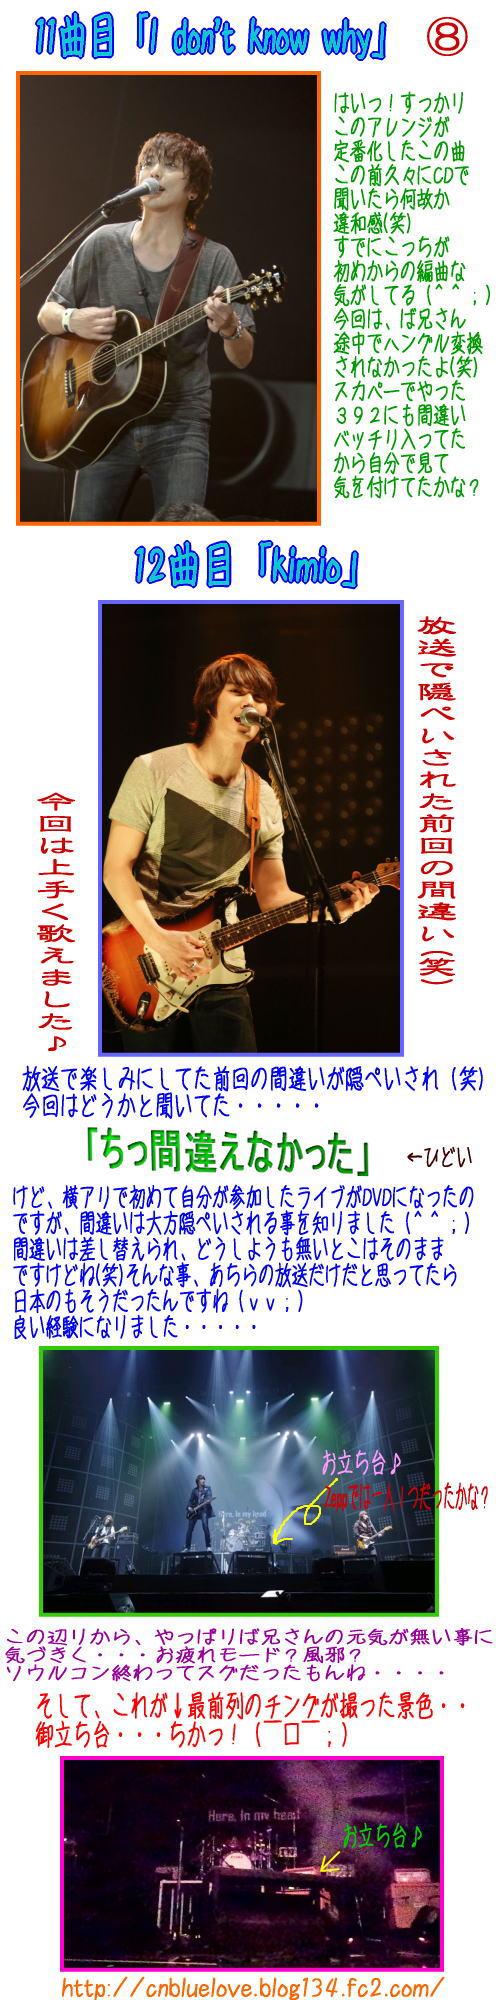 23.12.14Zepp大阪参戦レポ-8